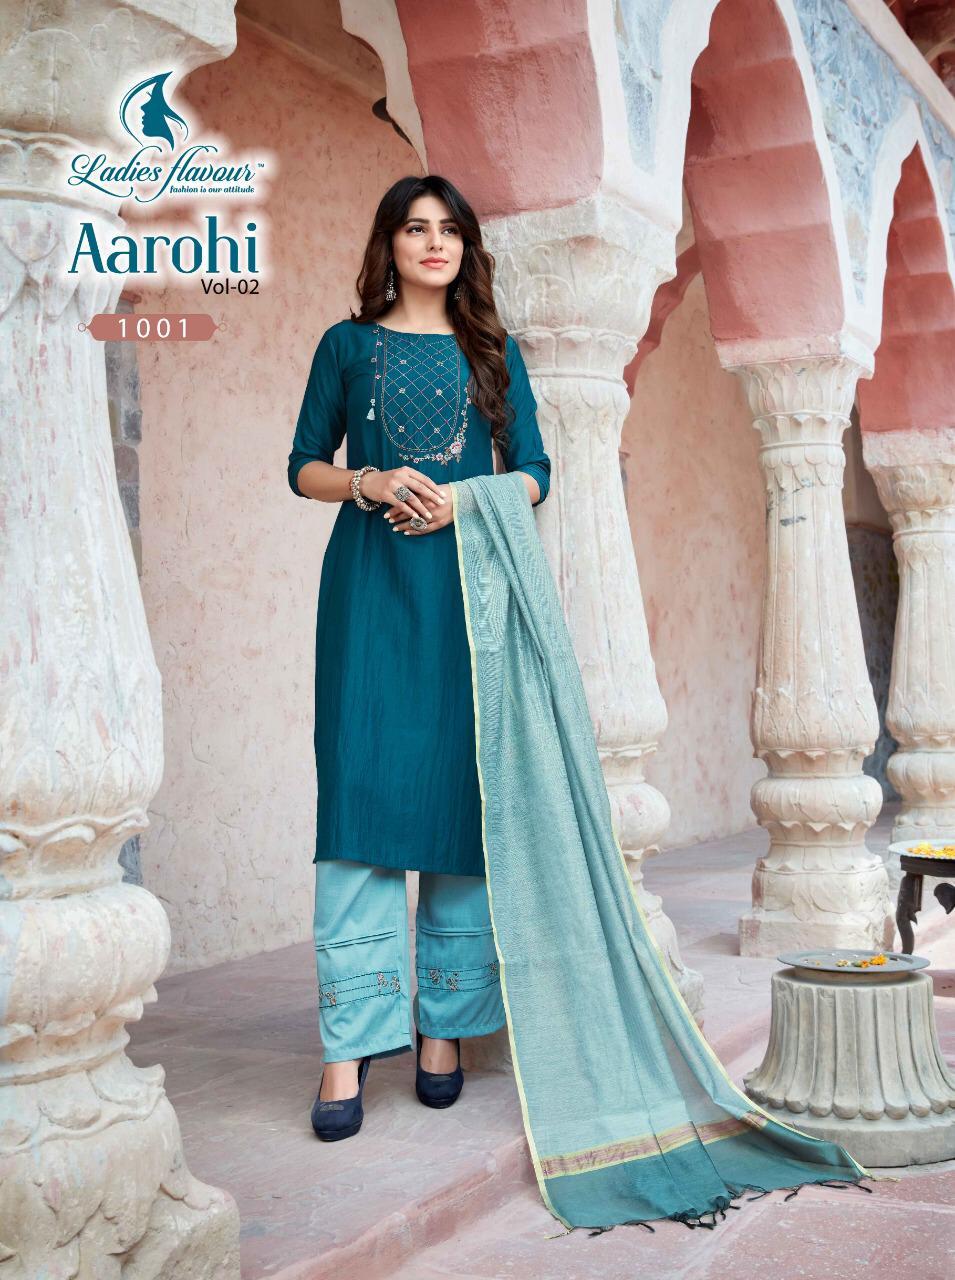 Ladies Flavour Aarohi Vol 2 Kurti with Bottom Dupatta Wholesale Catalog 8 Pcs 3 - Ladies Flavour Aarohi Vol 2 Kurti with Bottom Dupatta Wholesale Catalog 8 Pcs